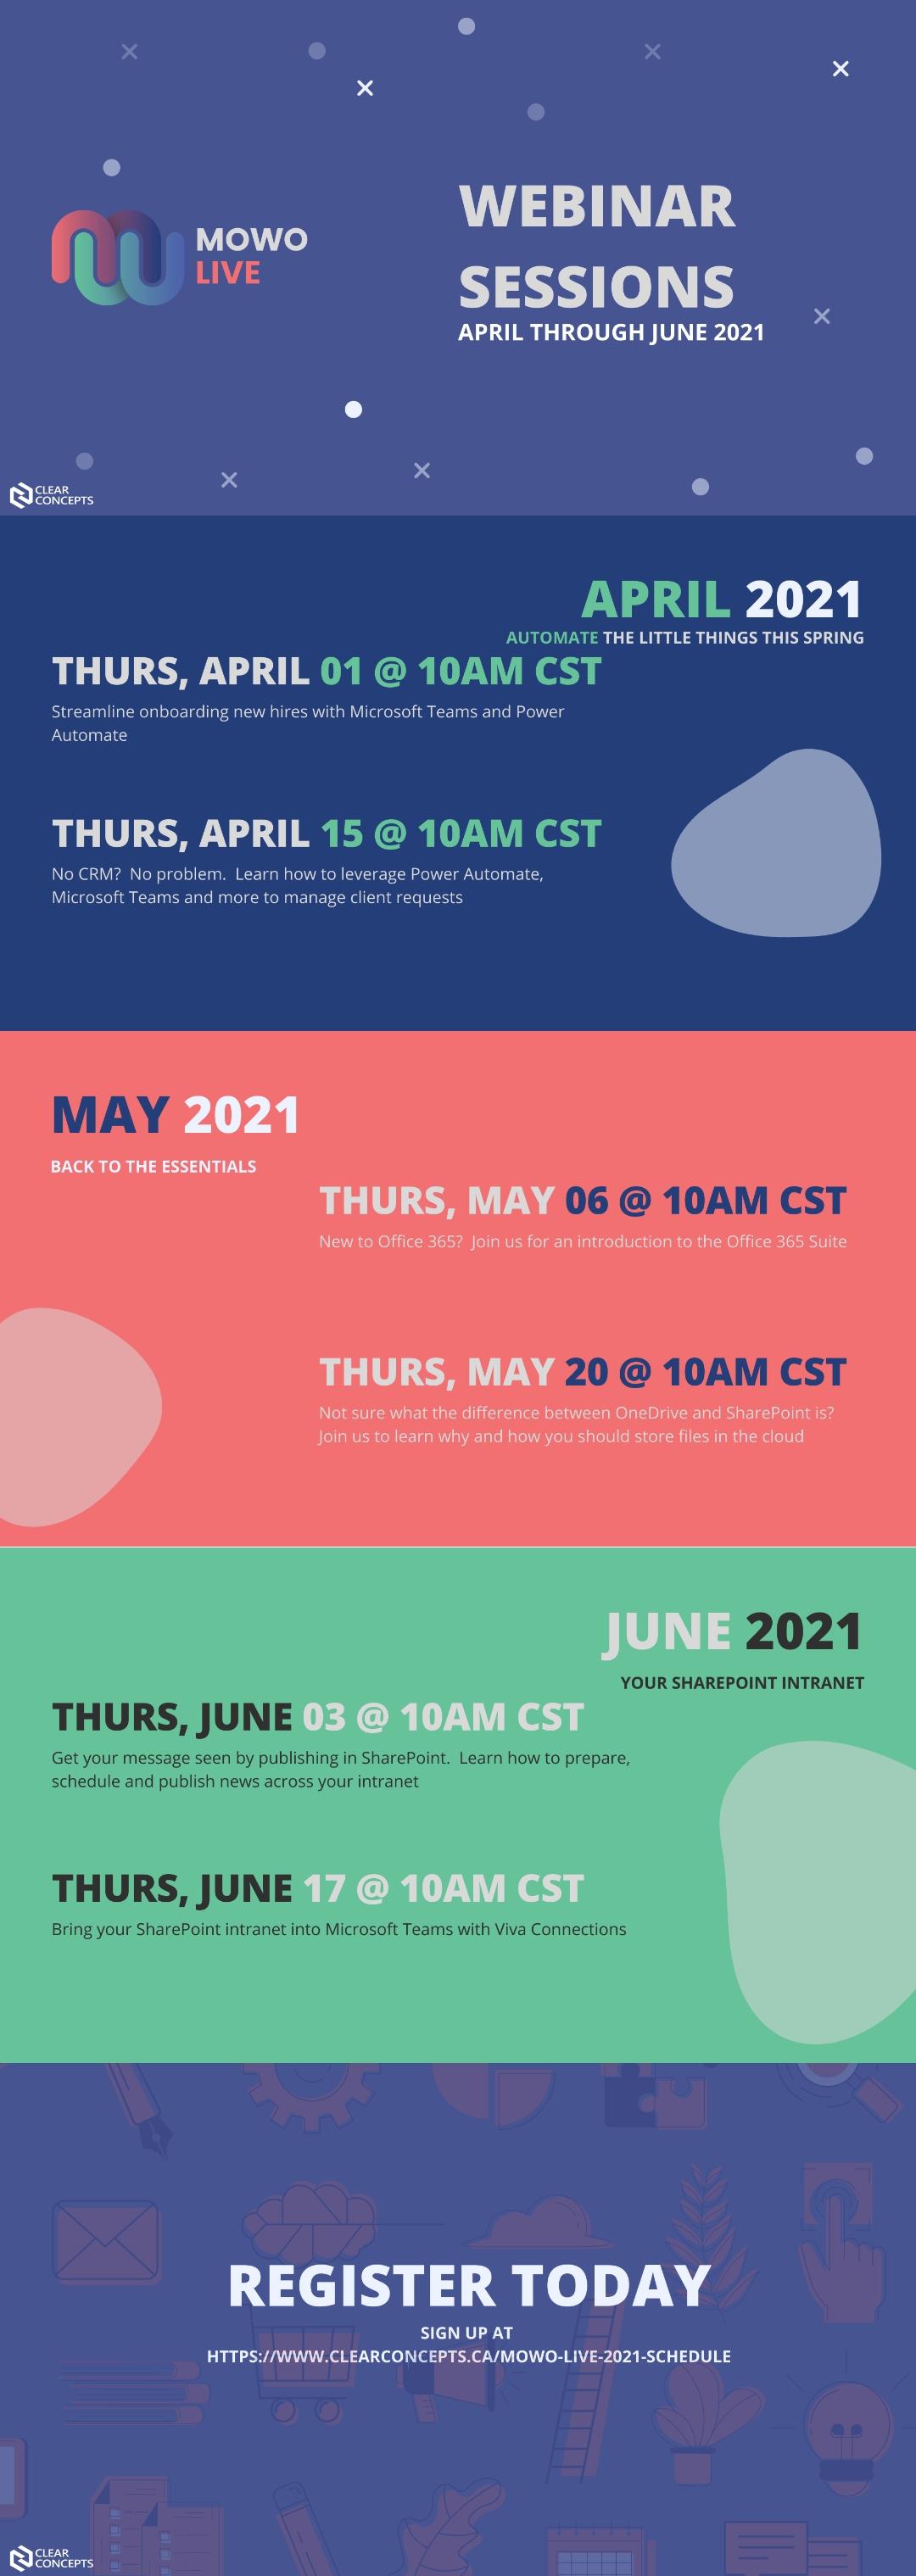 mowo live schedule